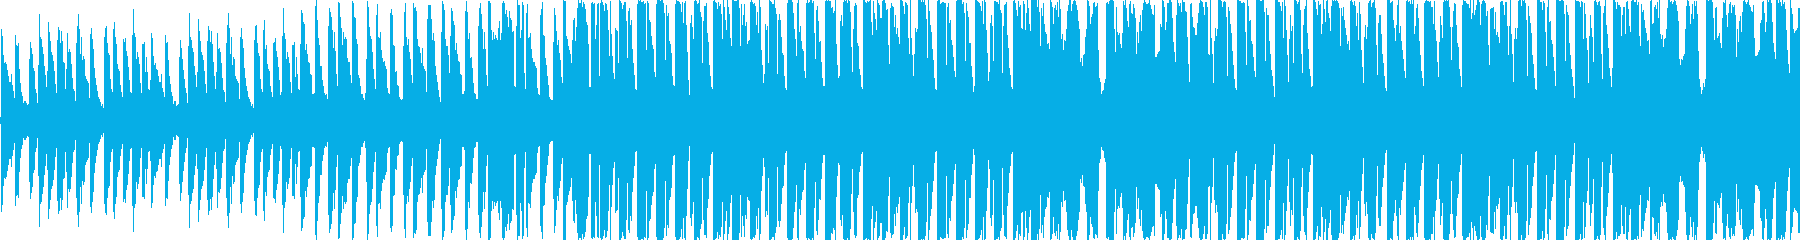 【クラブ/店舗/ヒップホップ/ハウス】の再生済みの波形